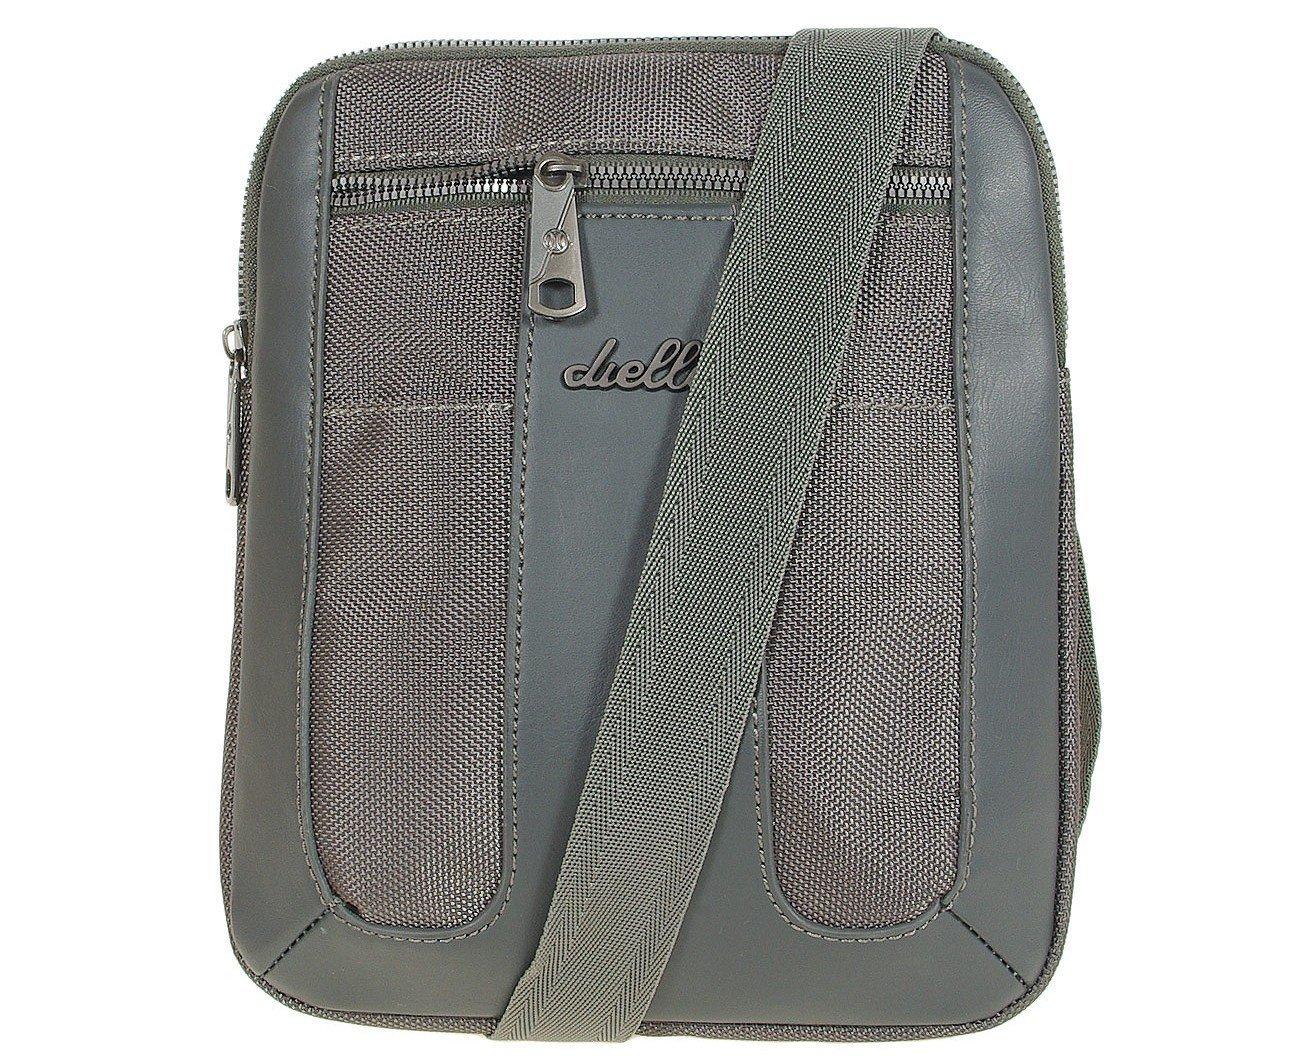 Dielle 7642 Beta torba na ramię grigio